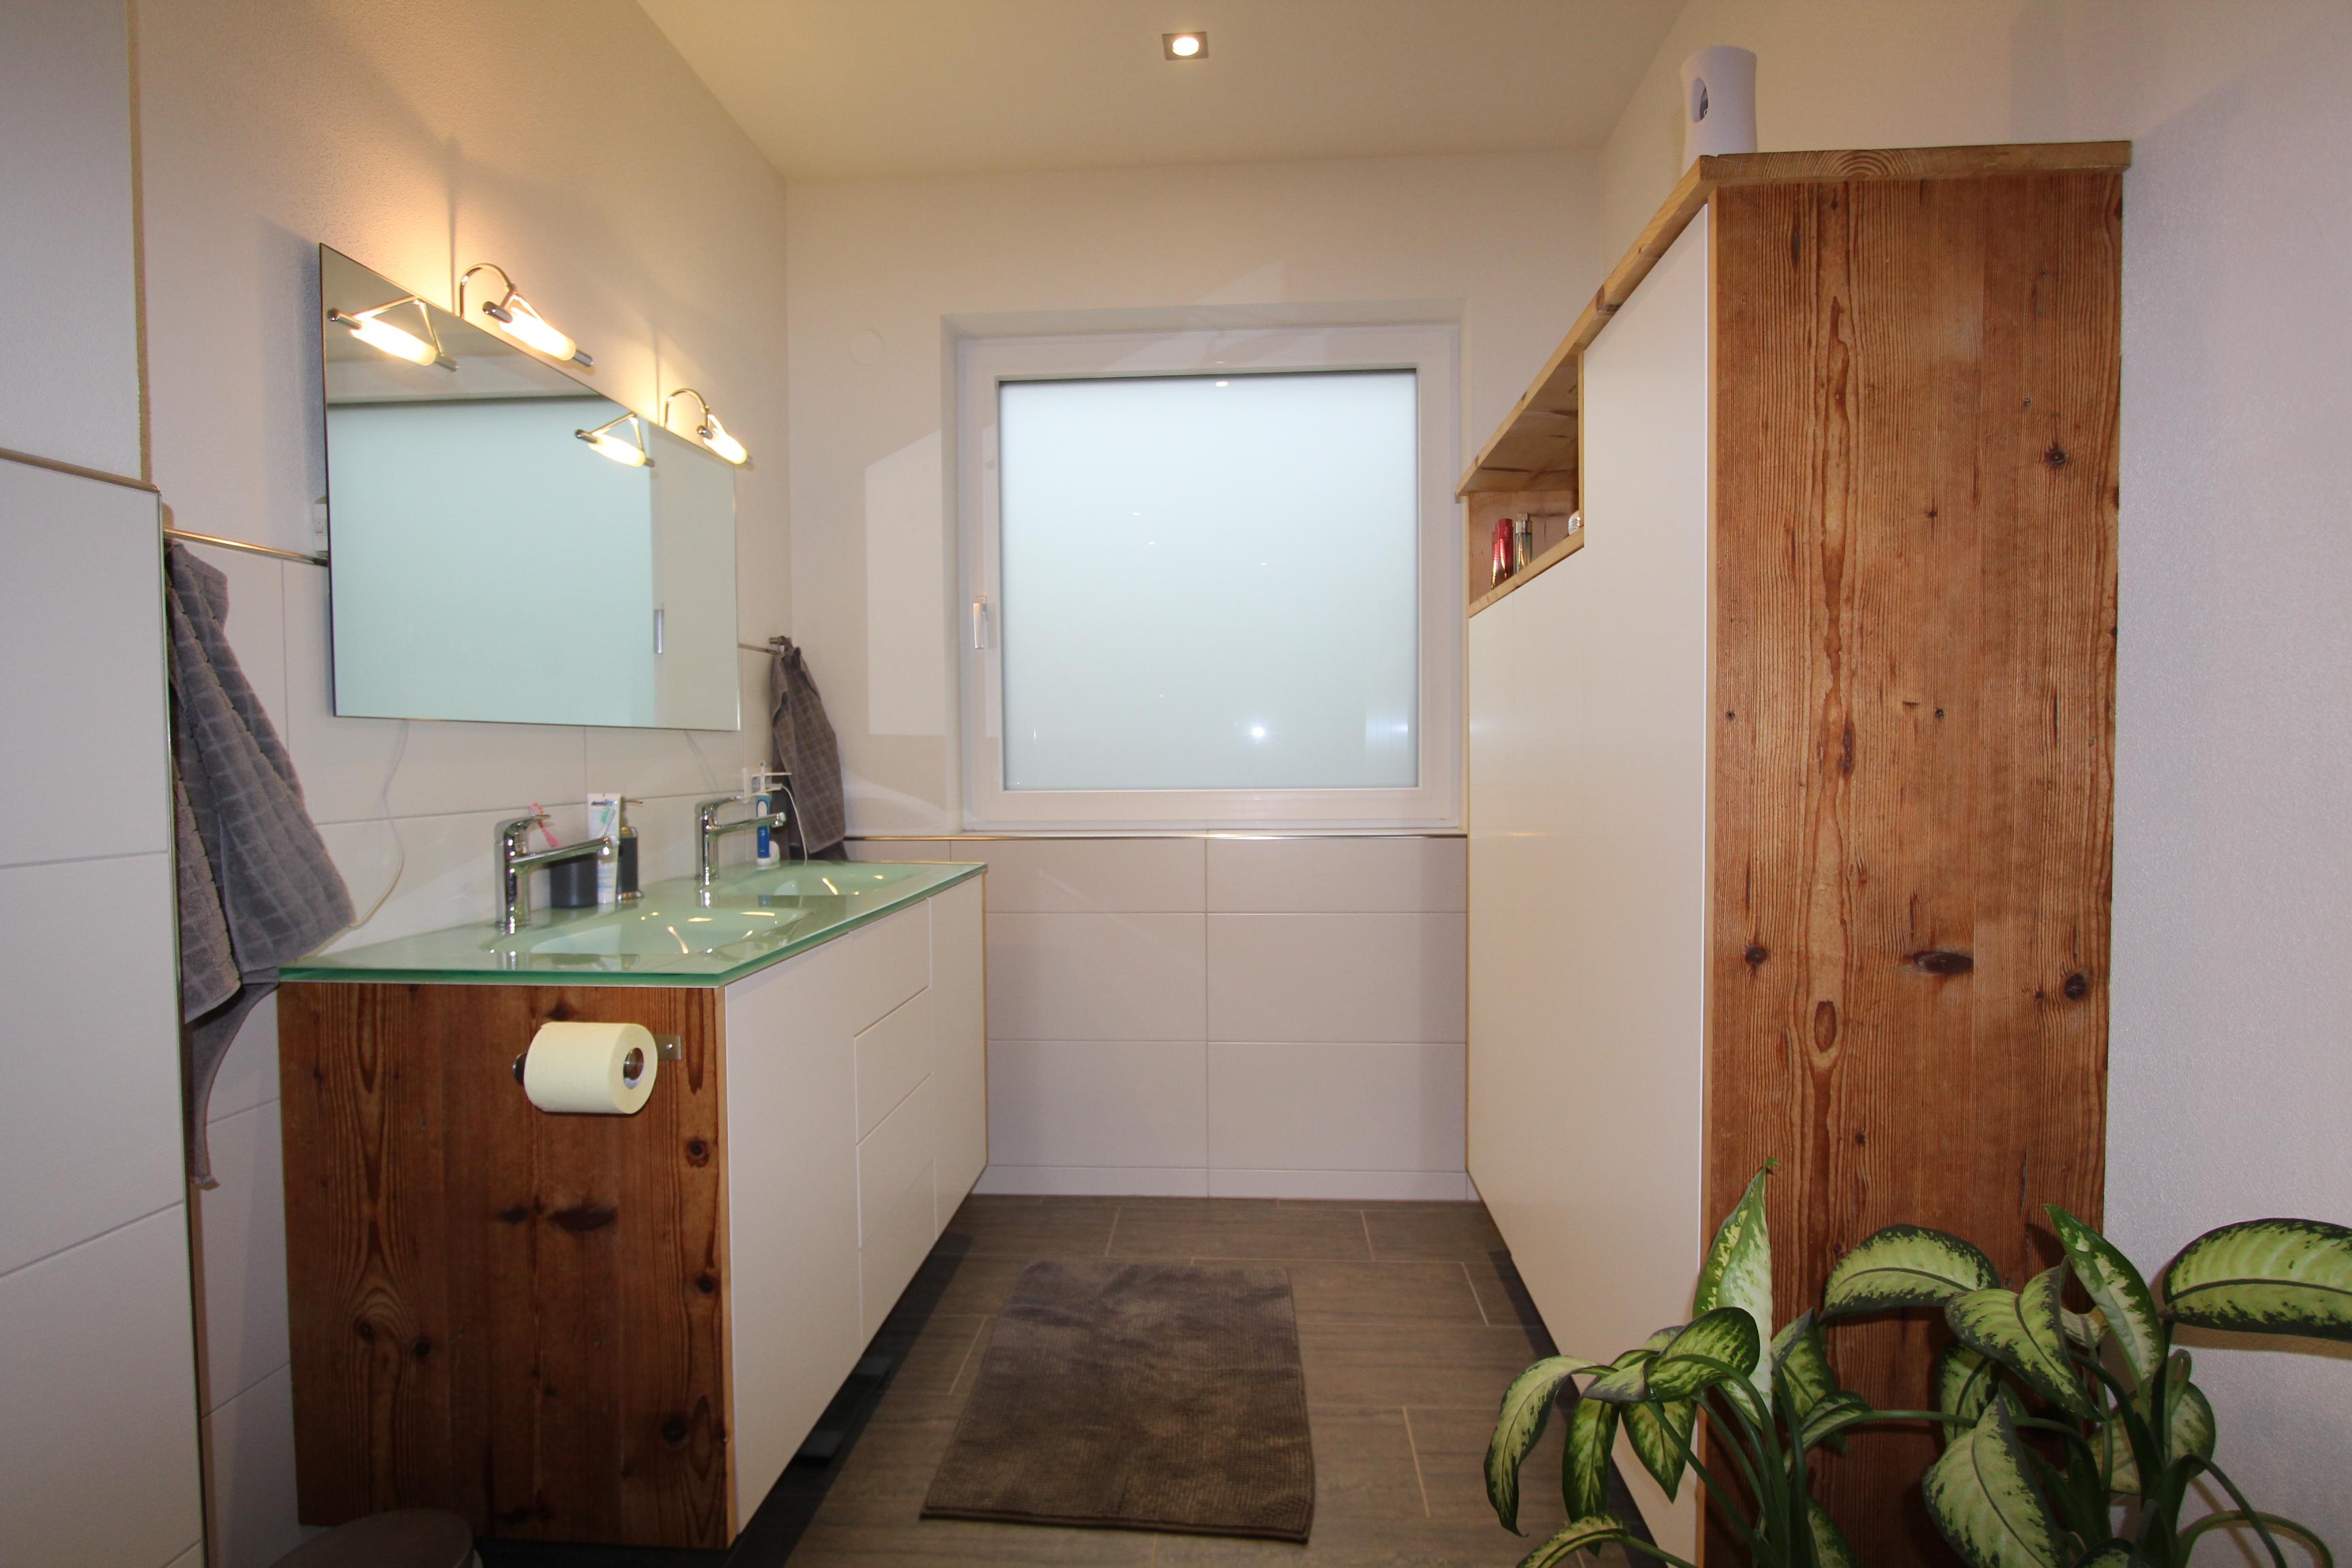 badezimmer altholz badezimmer in fichten altholz listberger tischlerei